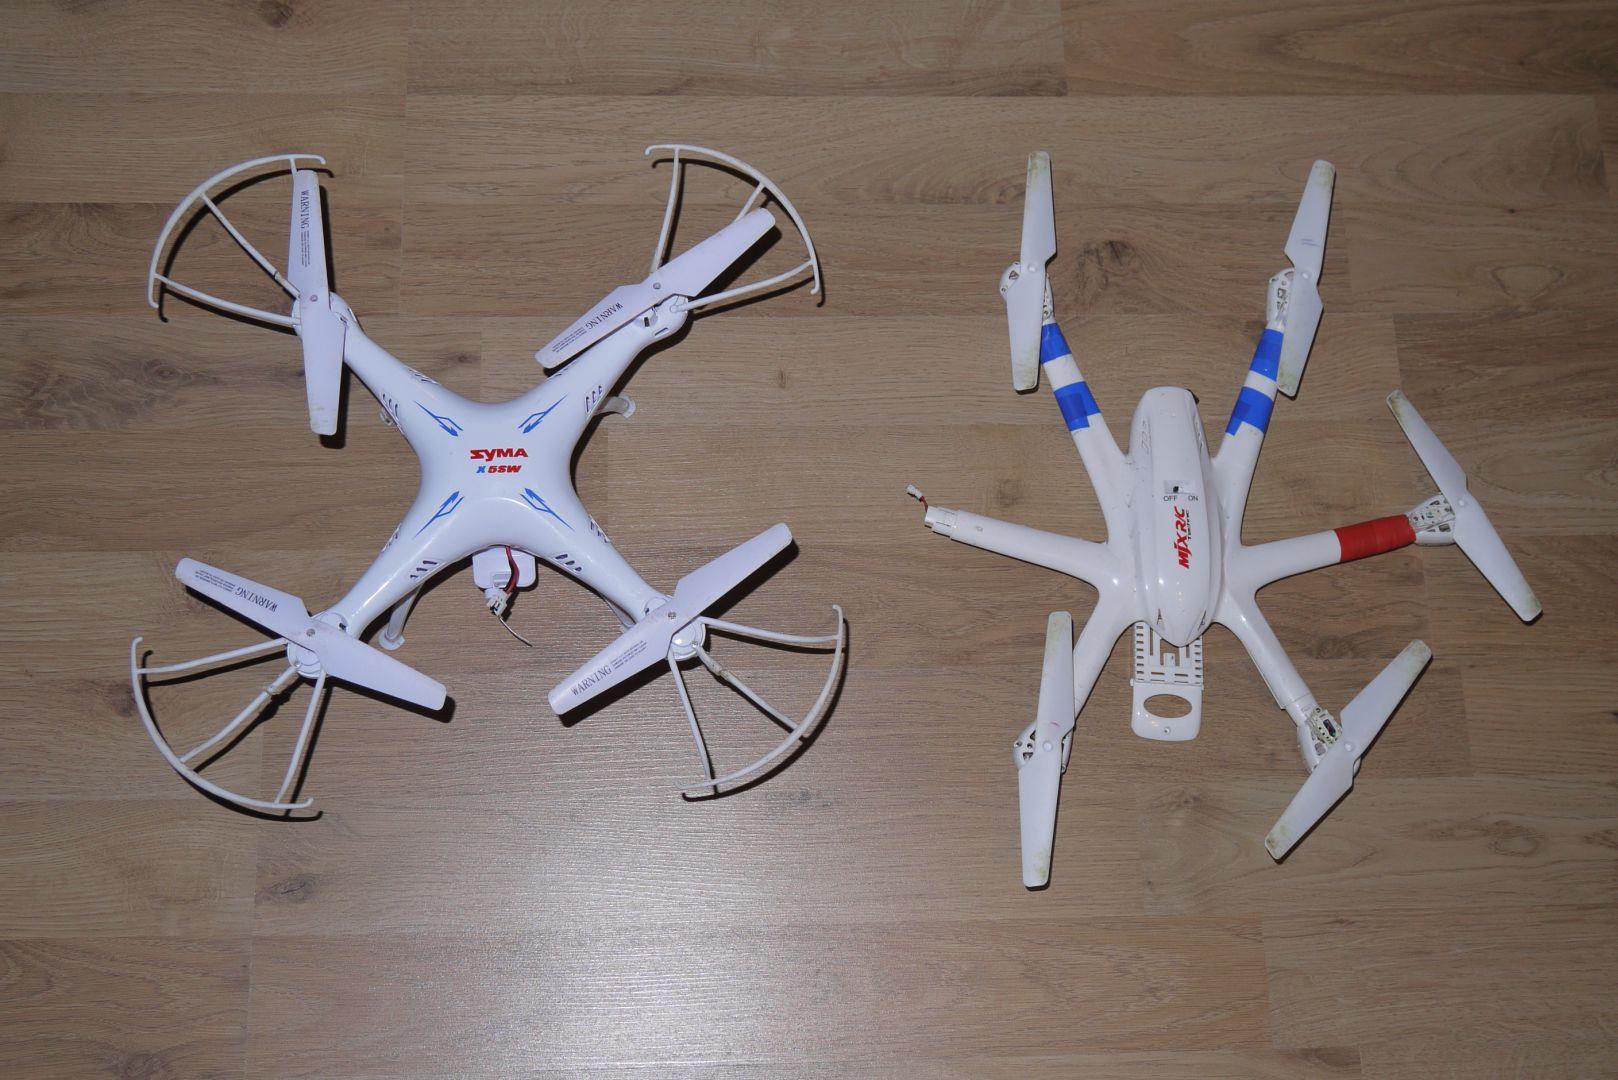 Nem is nagyobb az MJX X600 propeller védők és lábak nélkül